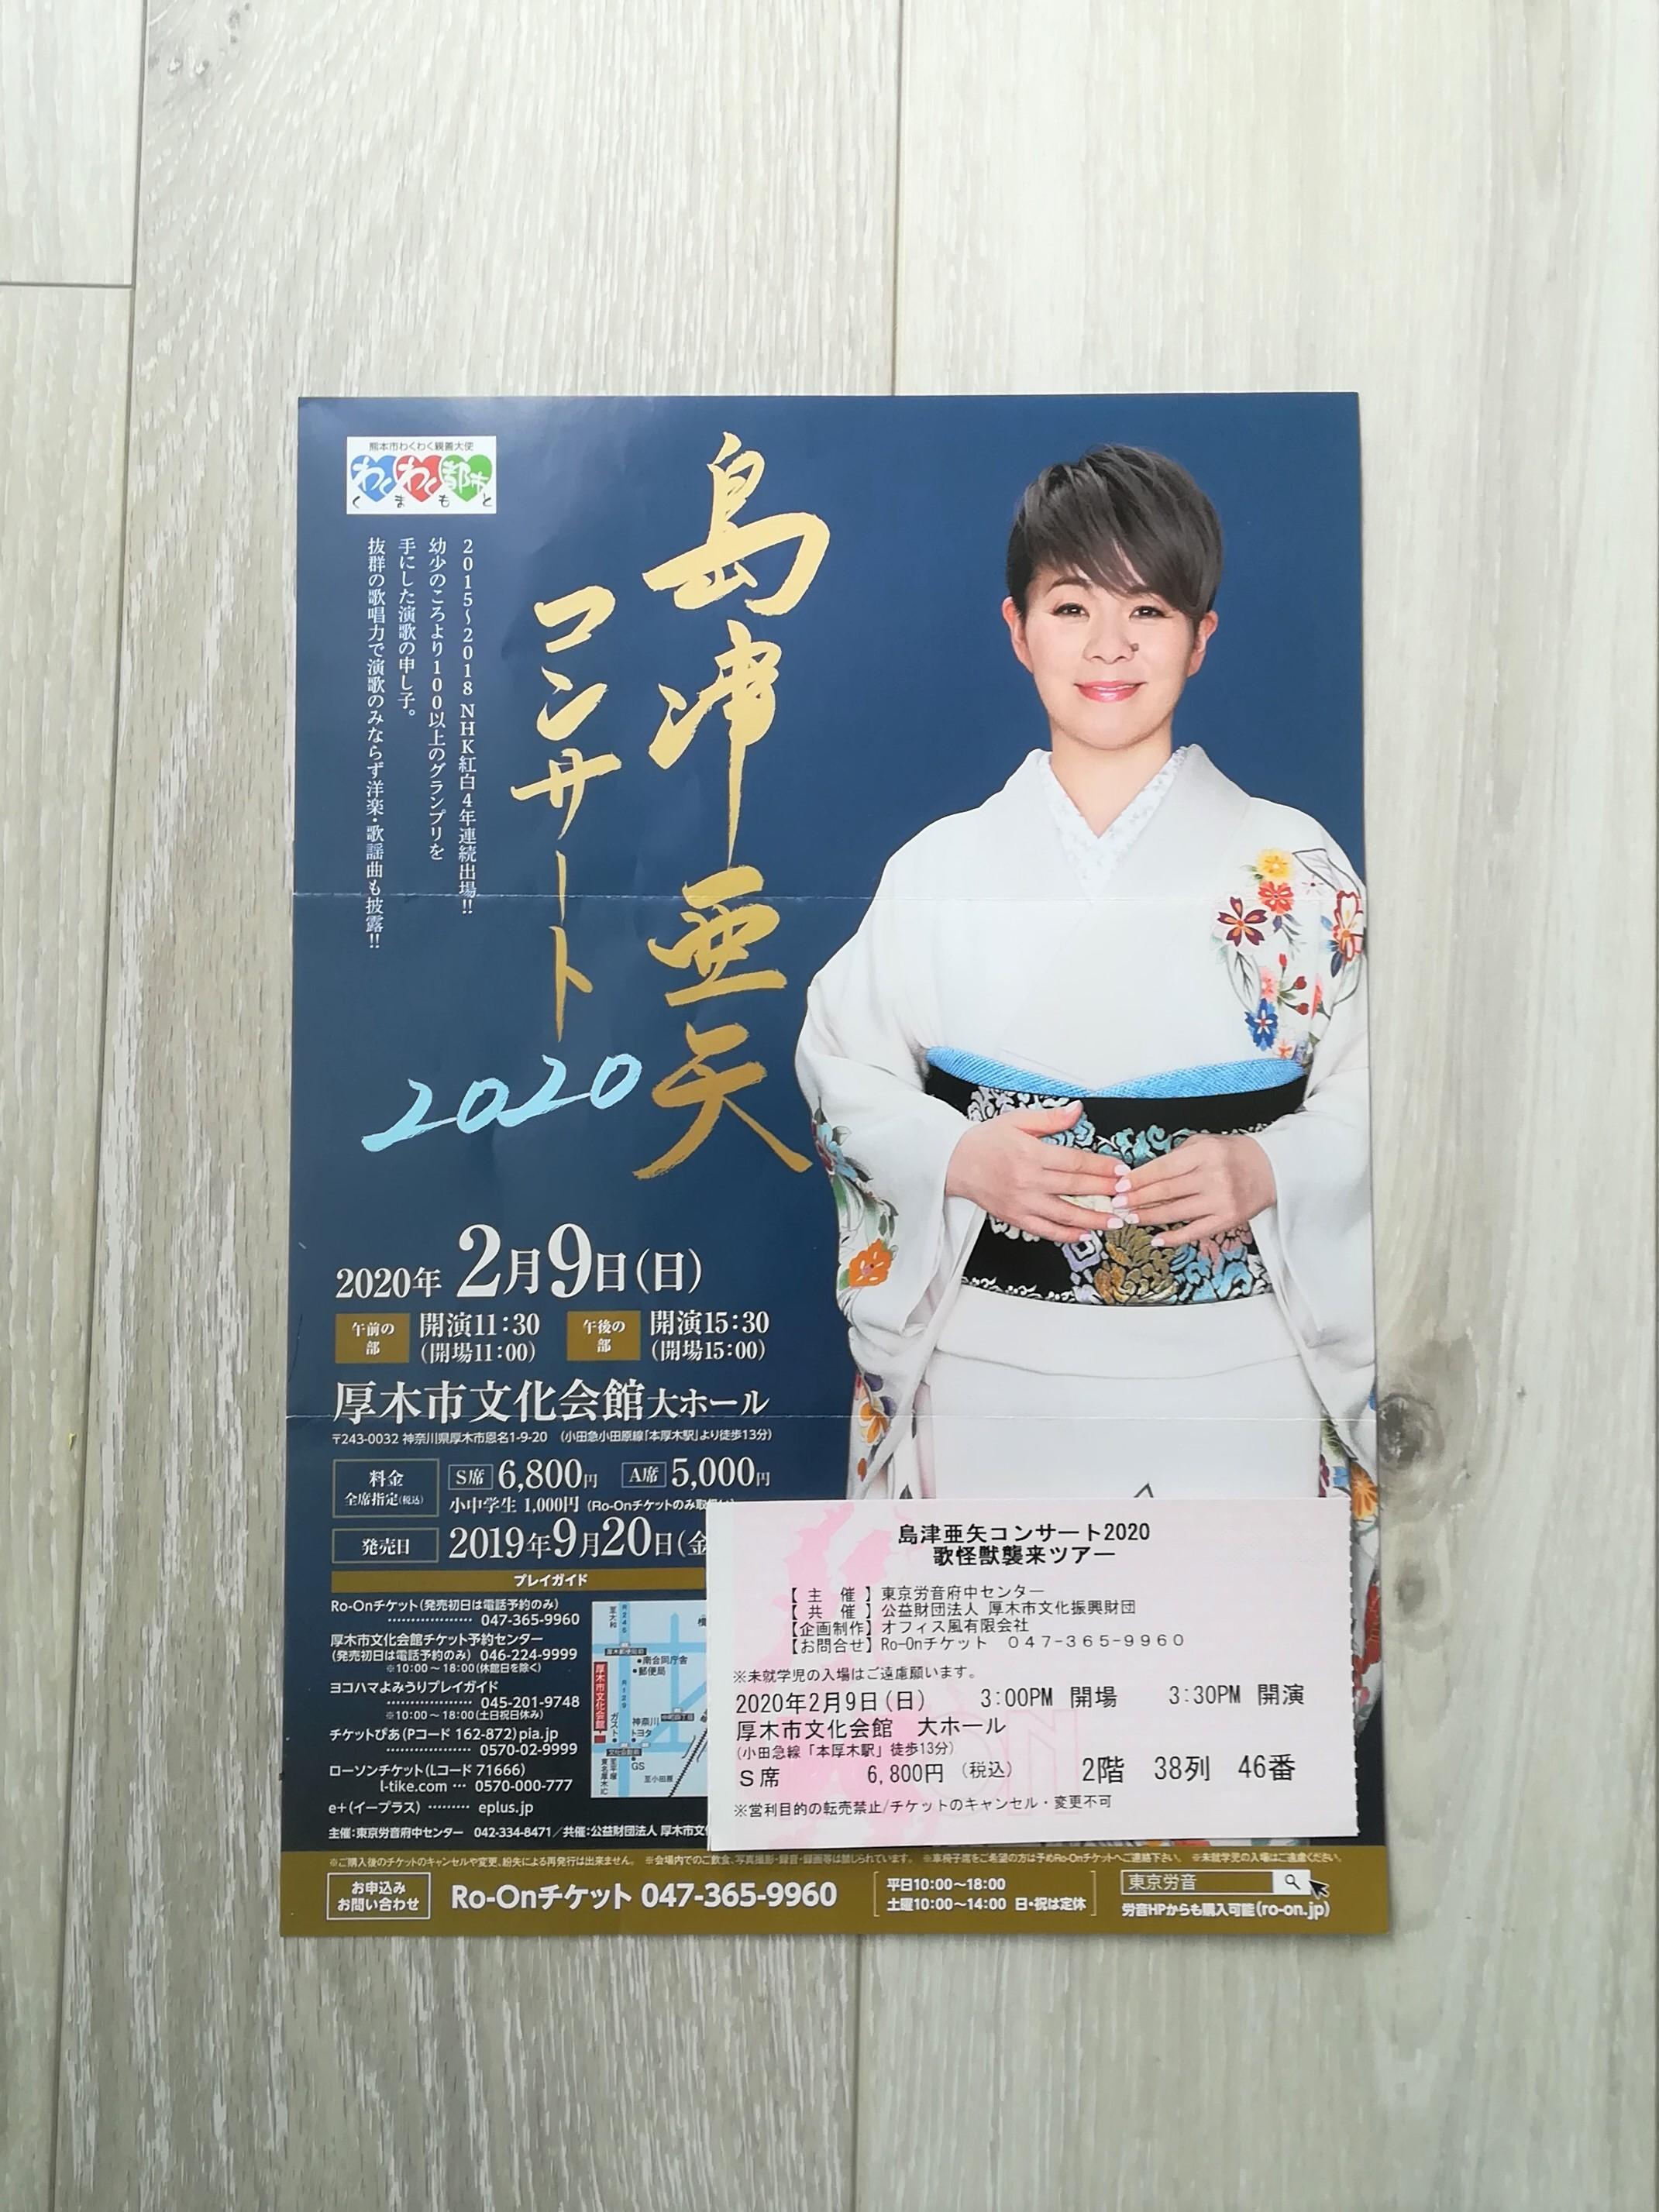 亜矢 ブログ 島津